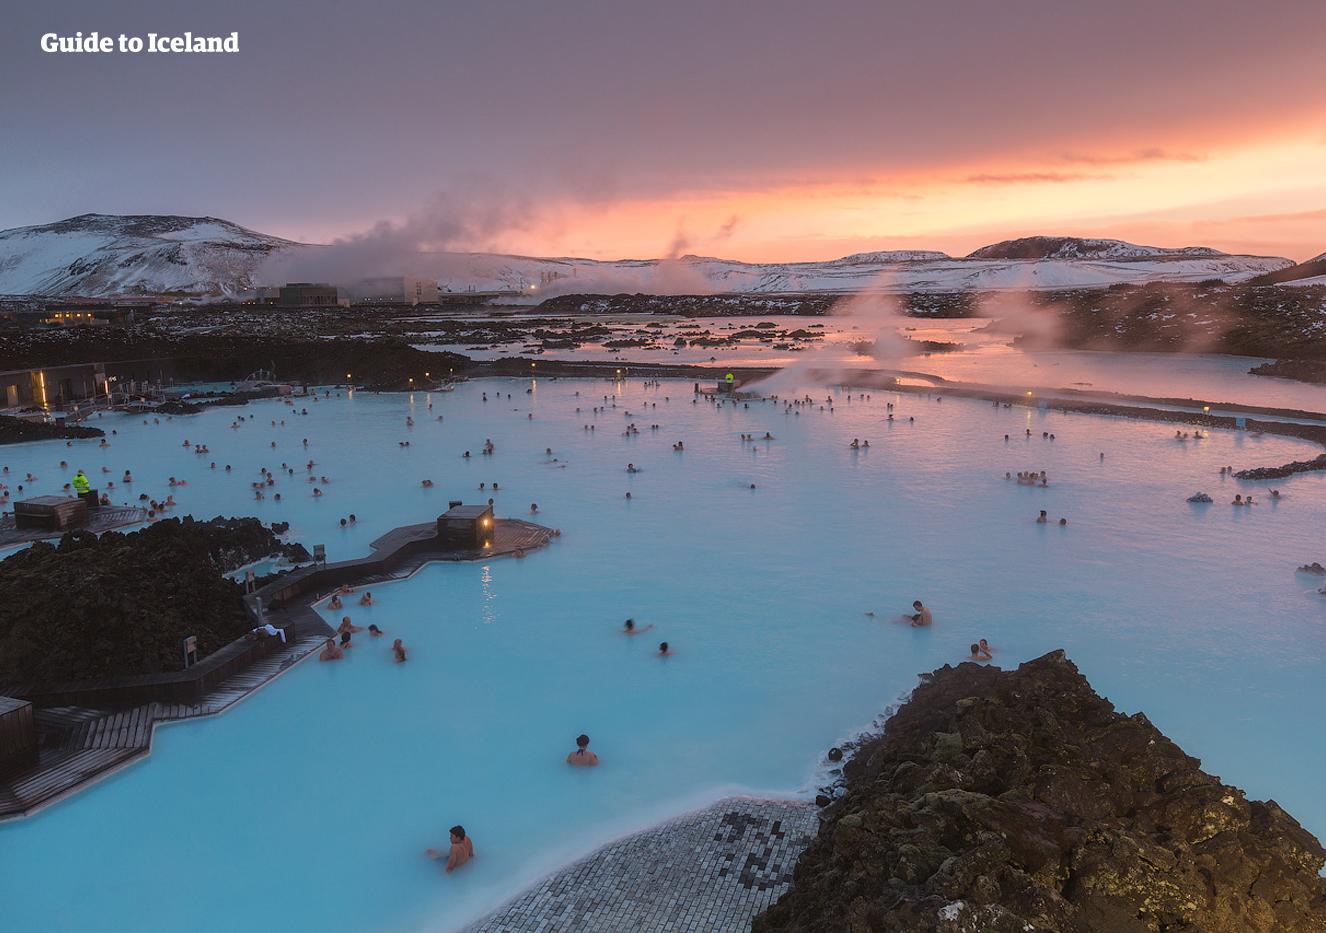 Nach deiner langen Reise kannst du in dem mineralreichen, geothermalen Wasser der Blauen Lagune neue Energie tanken